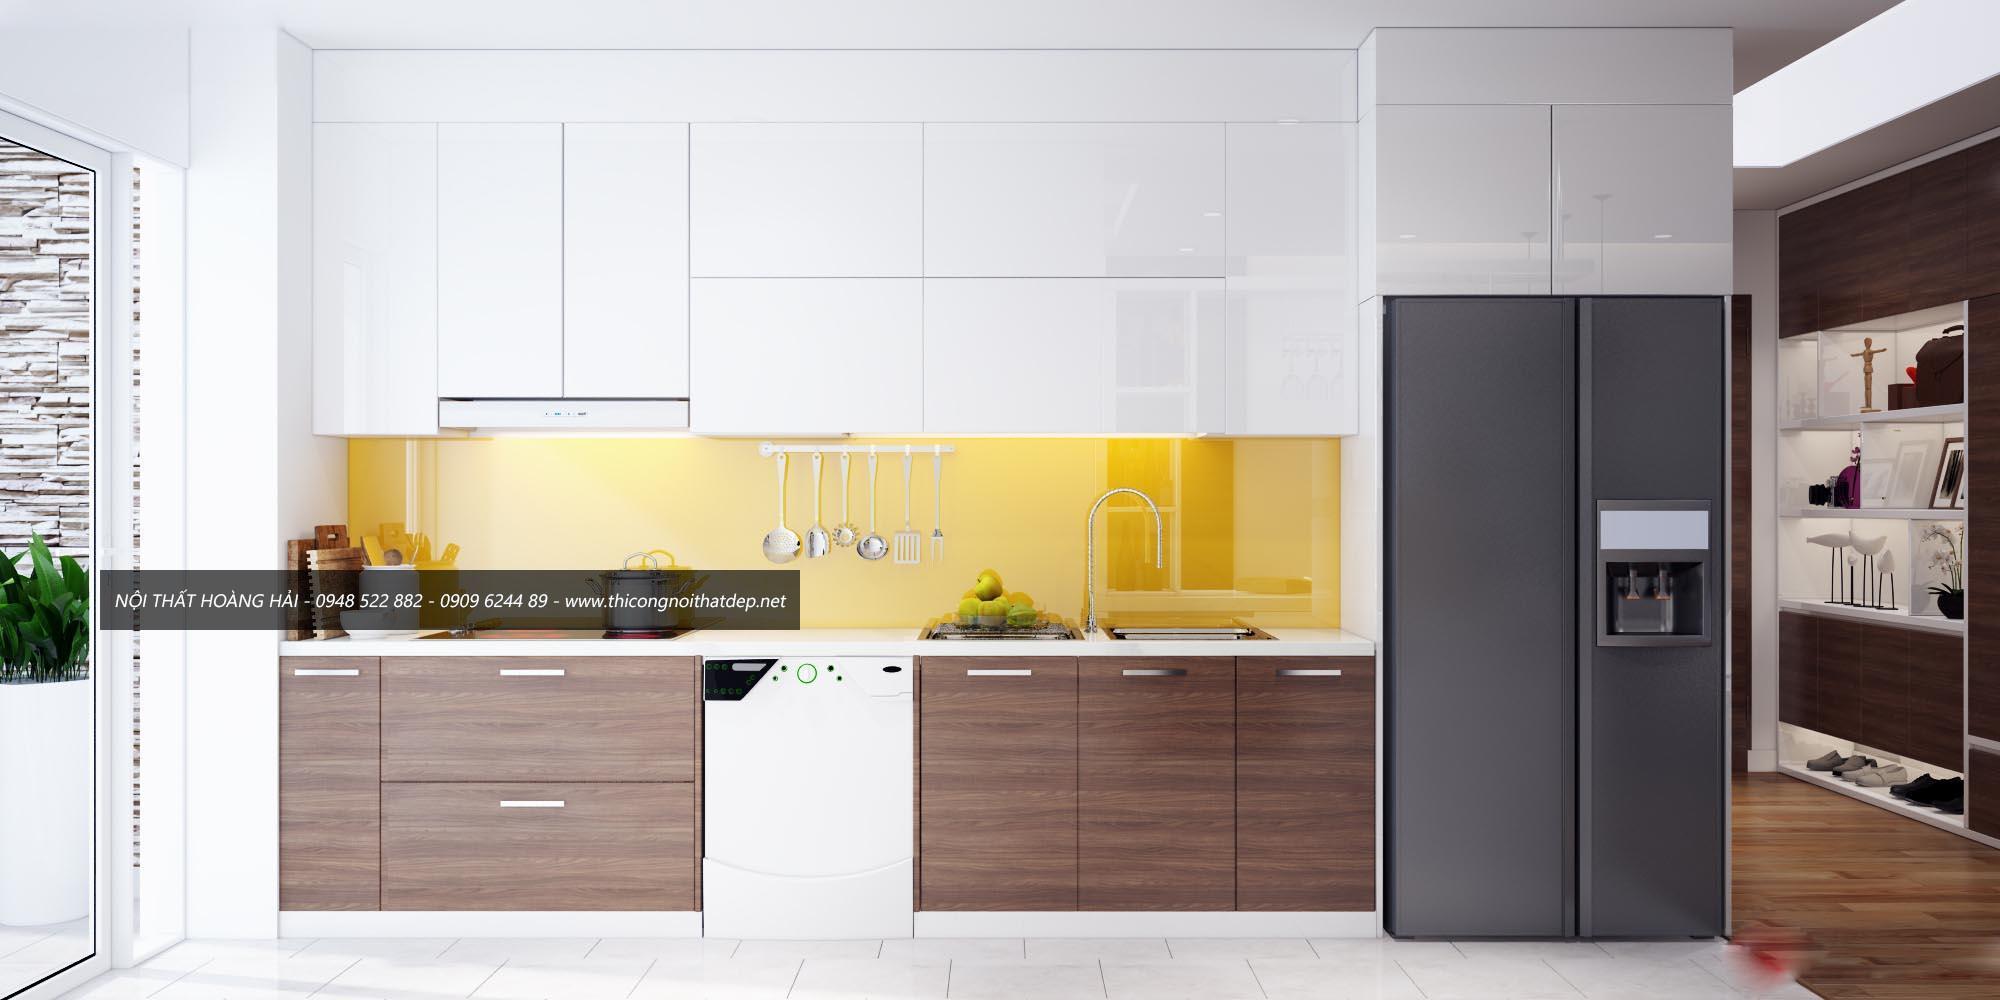 Chọn tủ bếp có màu sắc phù hợp